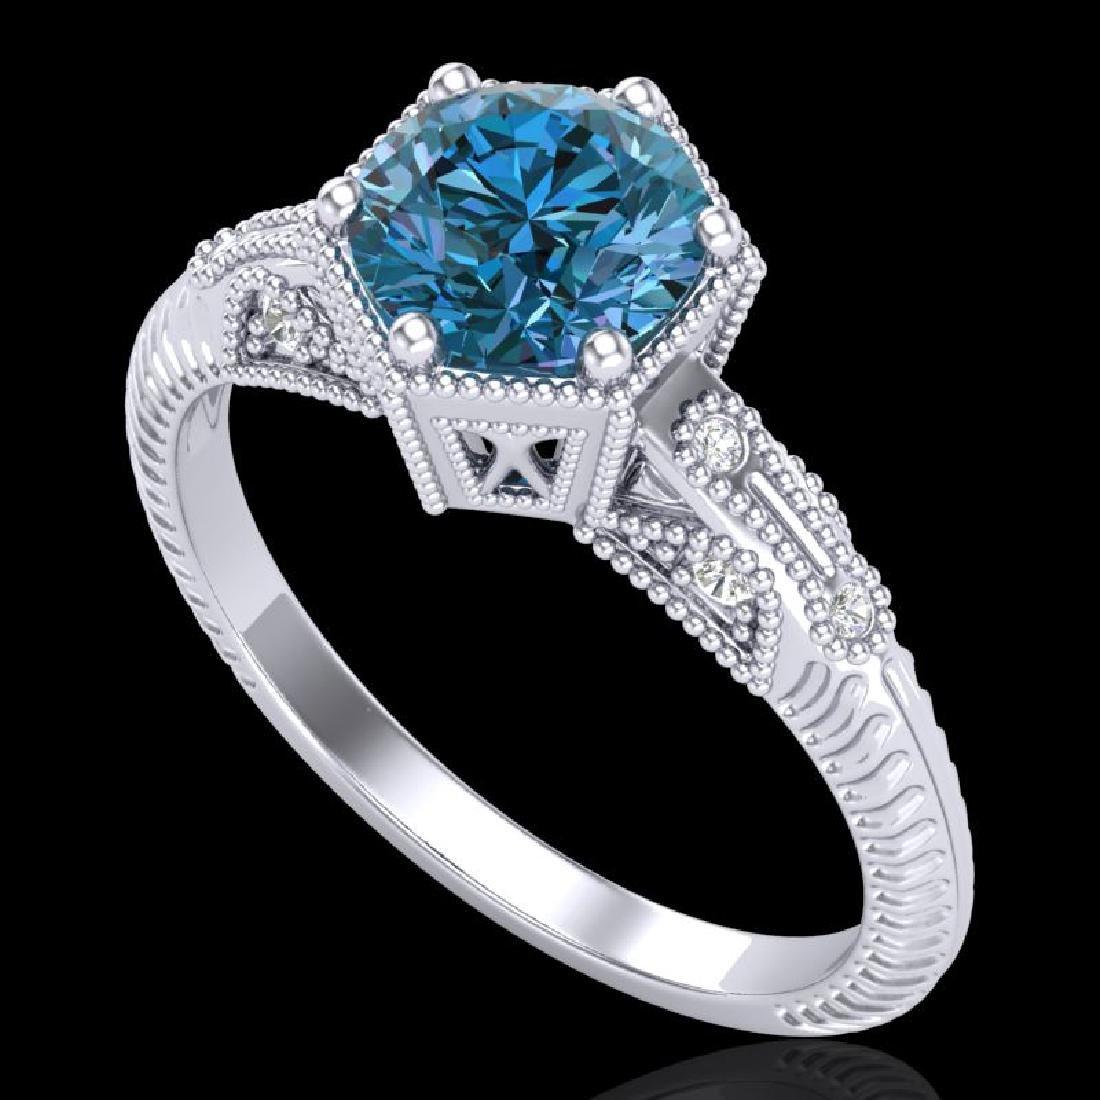 1.17 CTW Fancy Intense Blue Diamond Solitaire Art Deco